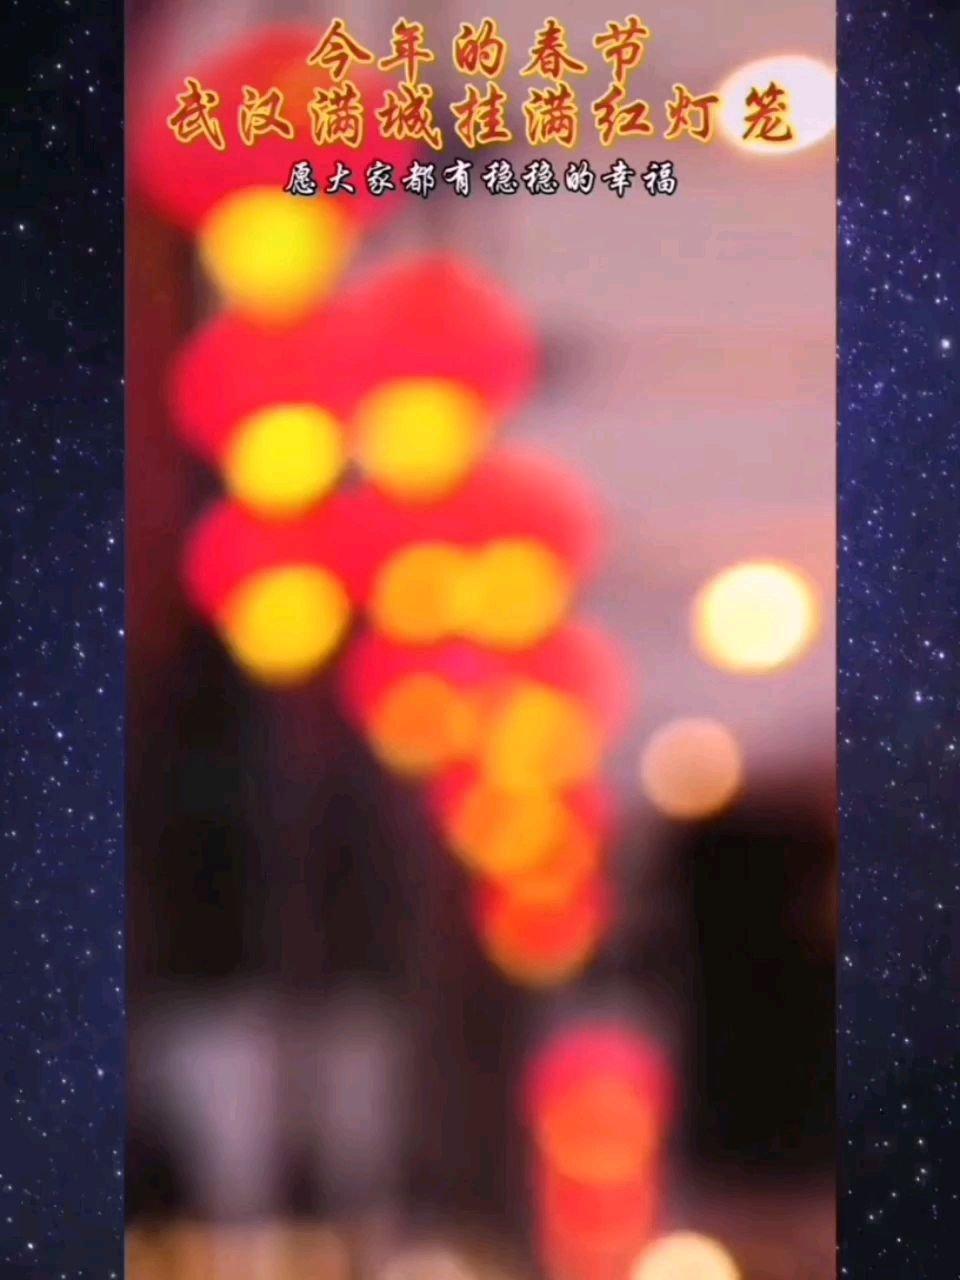 最美的武汉#春暖中国 #除夕 #武汉